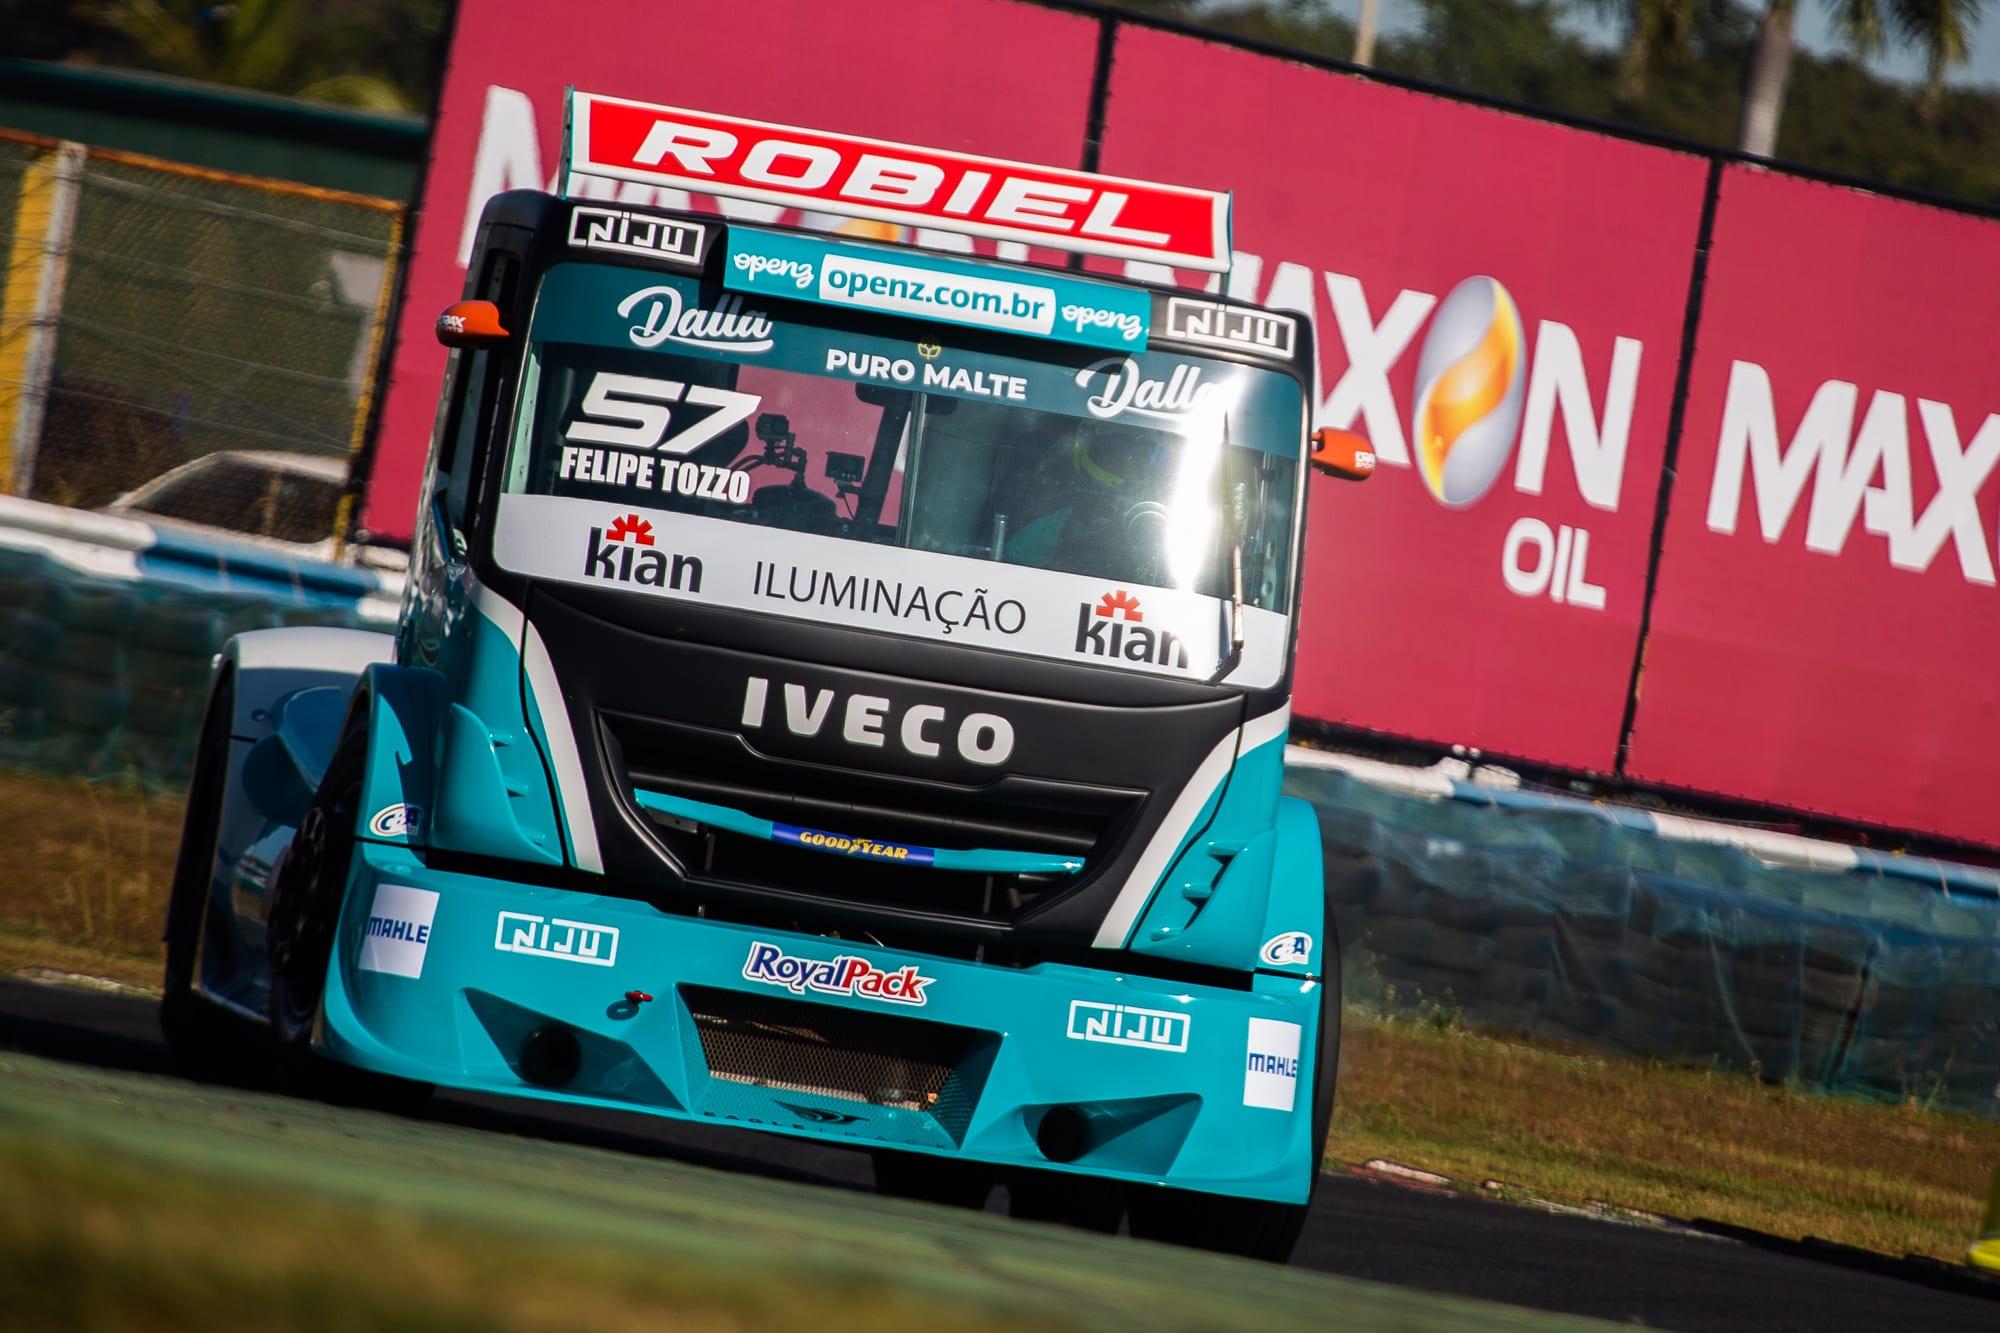 Carboni é patrocinadora oficial do piloto Felipe Tozzo da equipe Dakar na Copa Truck 2021